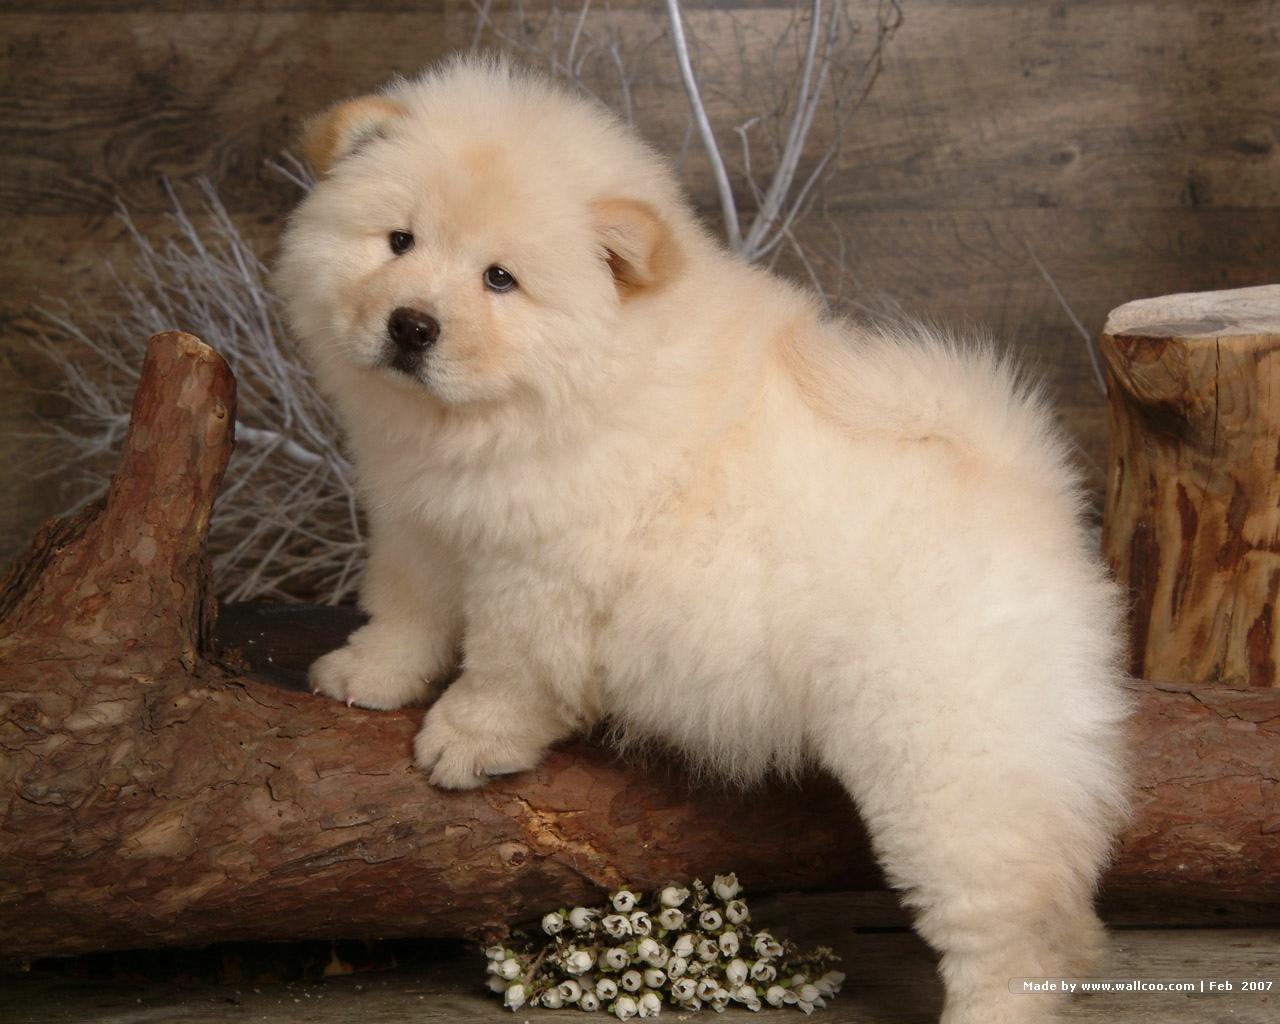 http://1.bp.blogspot.com/-xaY2jeAapSo/T-ICxeZ3YxI/AAAAAAAAA1E/dKmFgEGbqrg/s1600/Chow_Chow_dog_wallpaper_85047.jpg